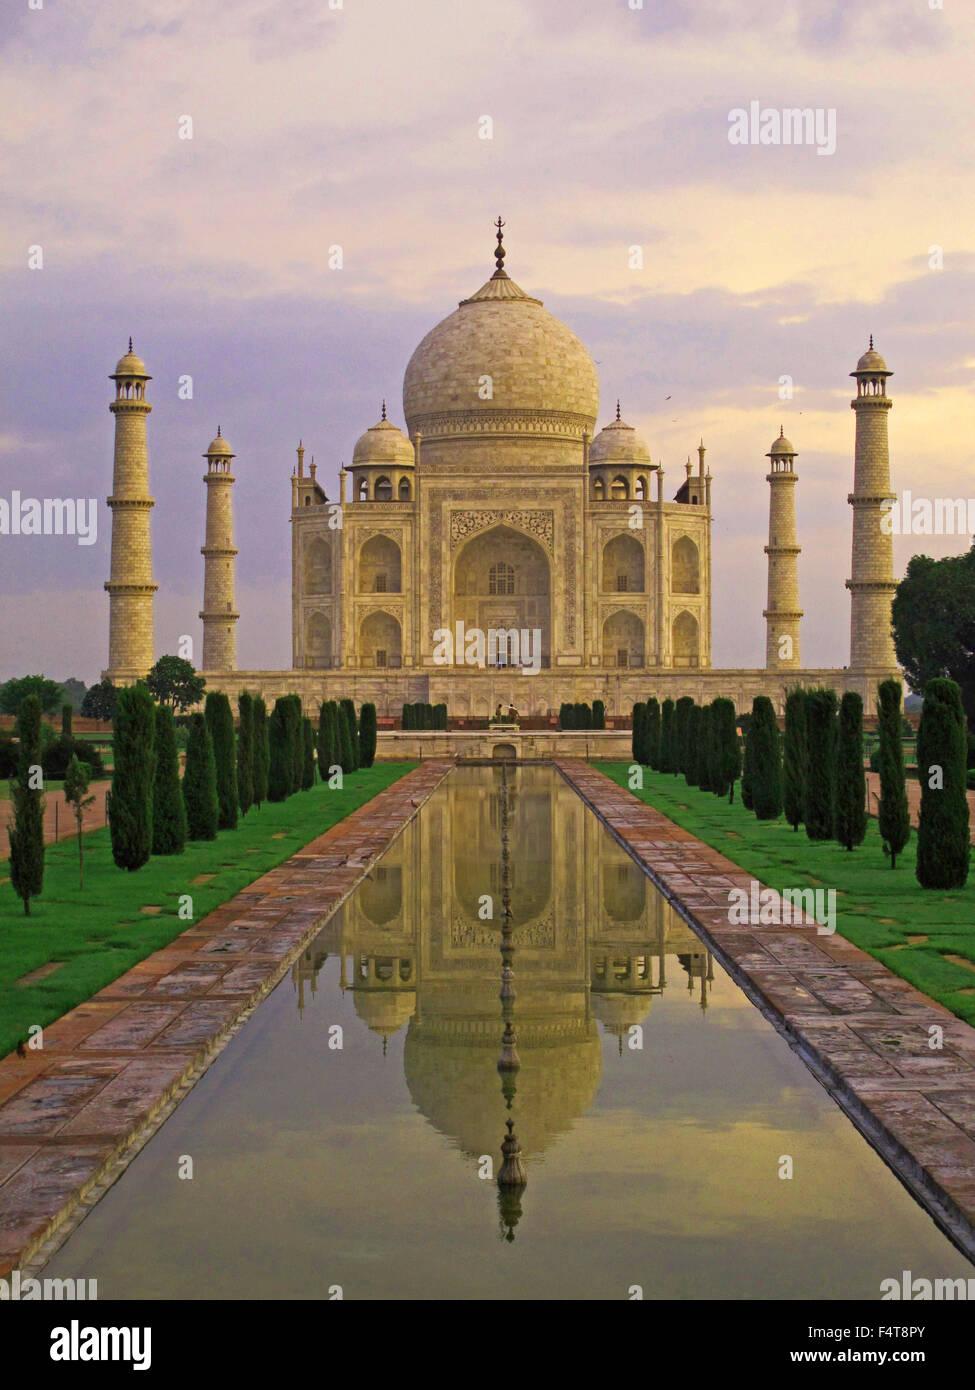 Il Taj Mahal di sunrise in India, Agra, il marmo bianco alba Immagini Stock